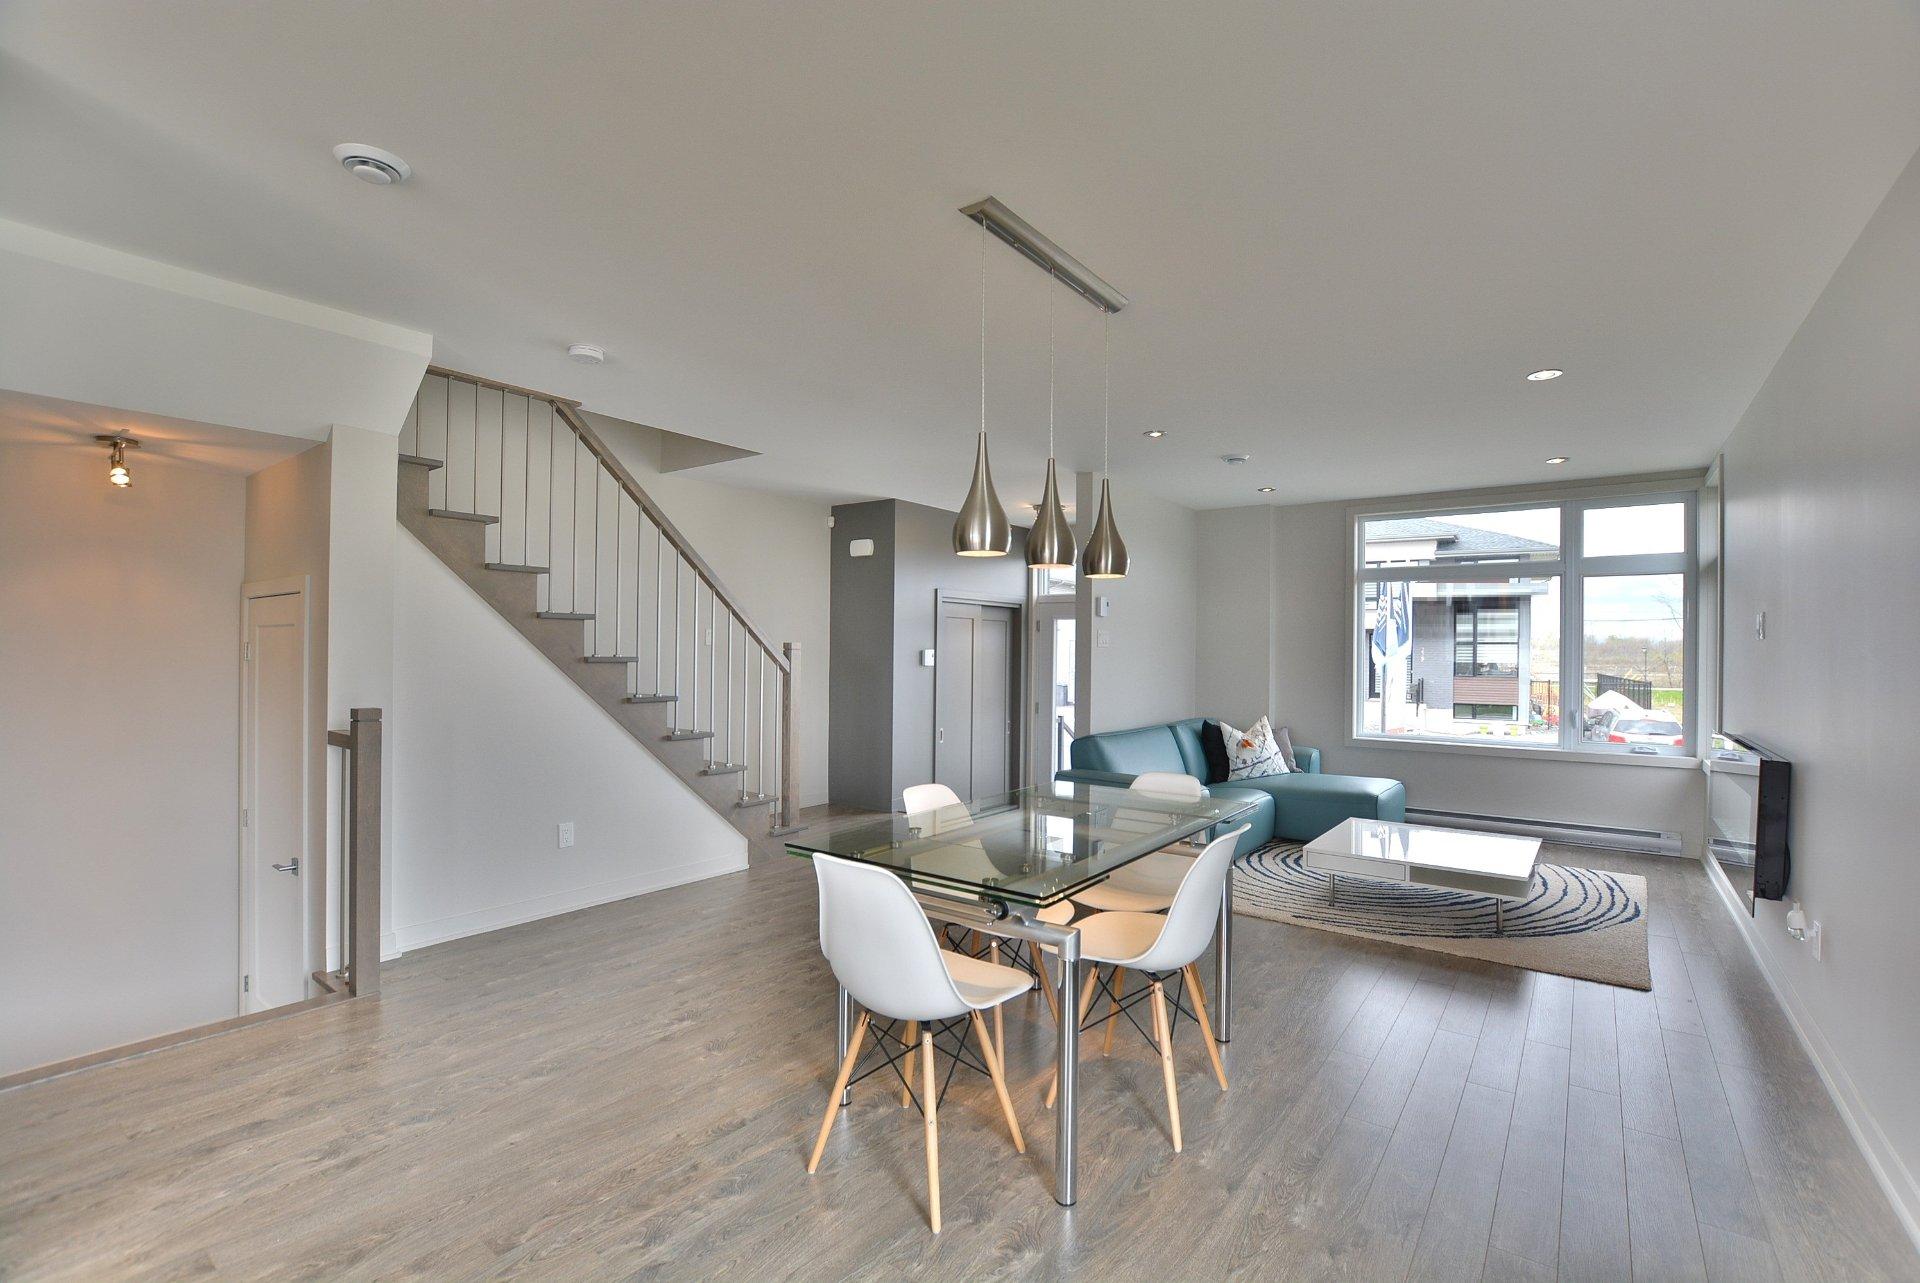 maison tages vendre saint eustache. Black Bedroom Furniture Sets. Home Design Ideas